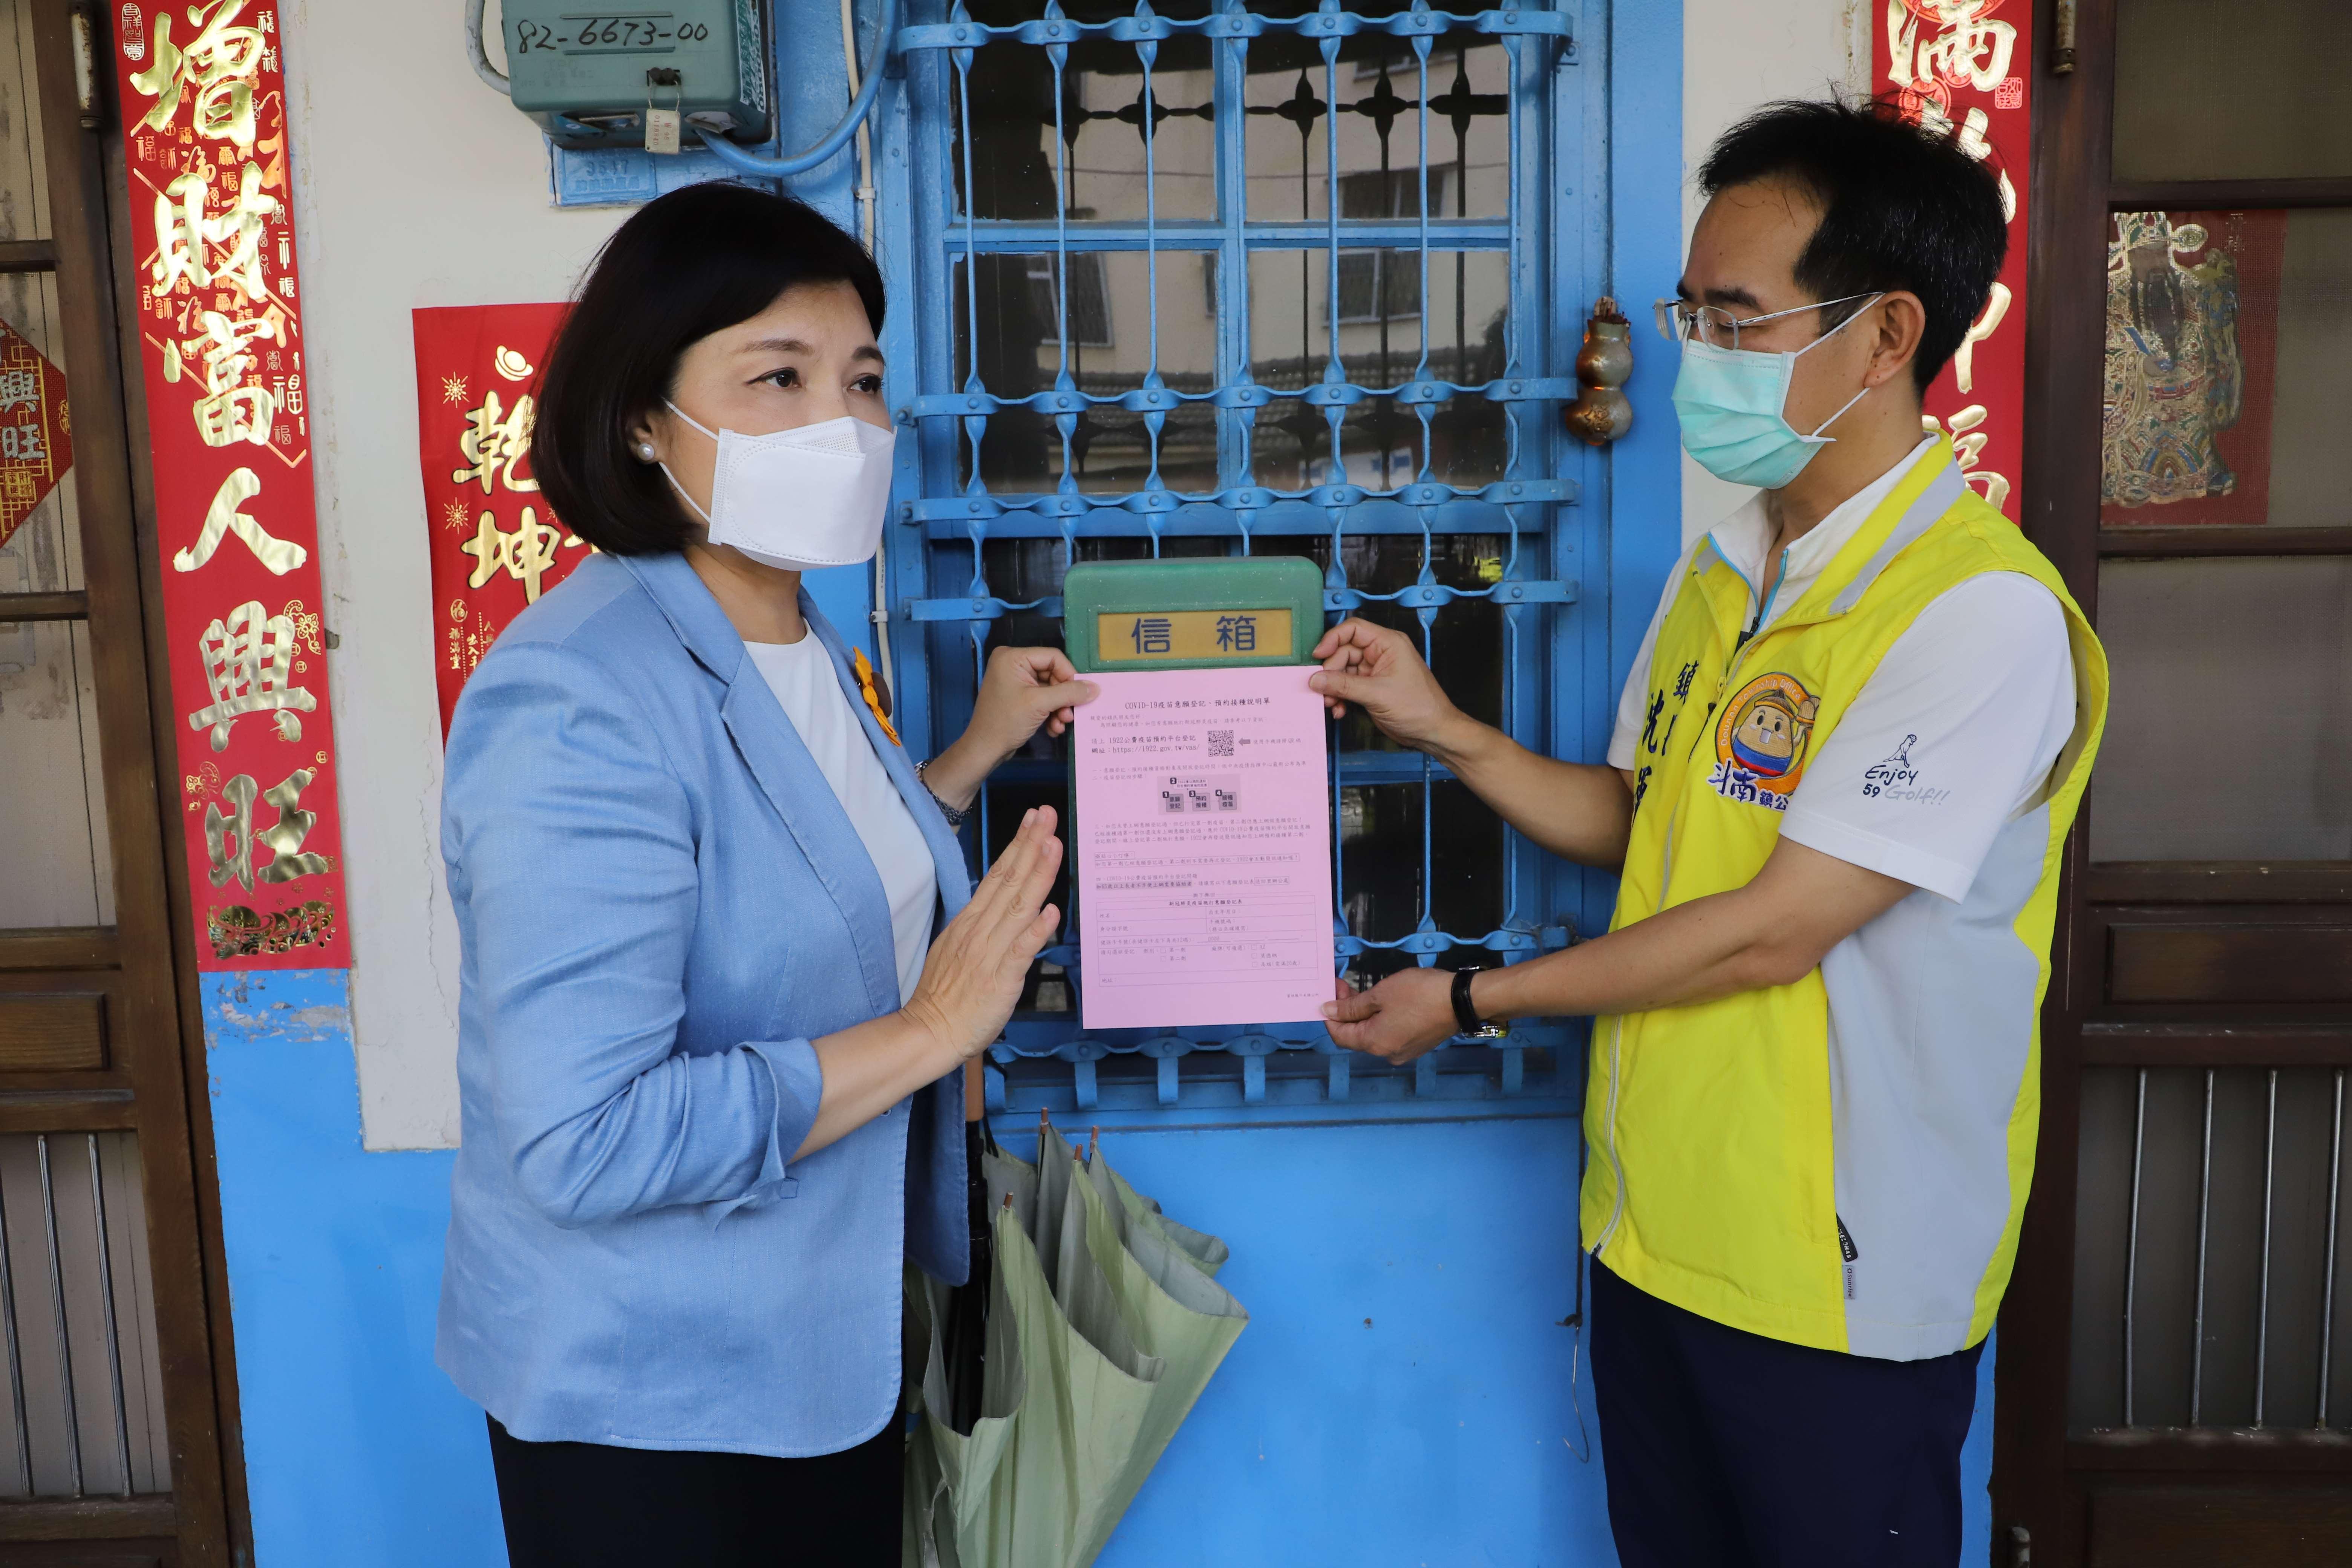 如遇長輩不在家,斗南公所還會張貼通知單,請長輩填妥表格後,交由里幹事協助登記。